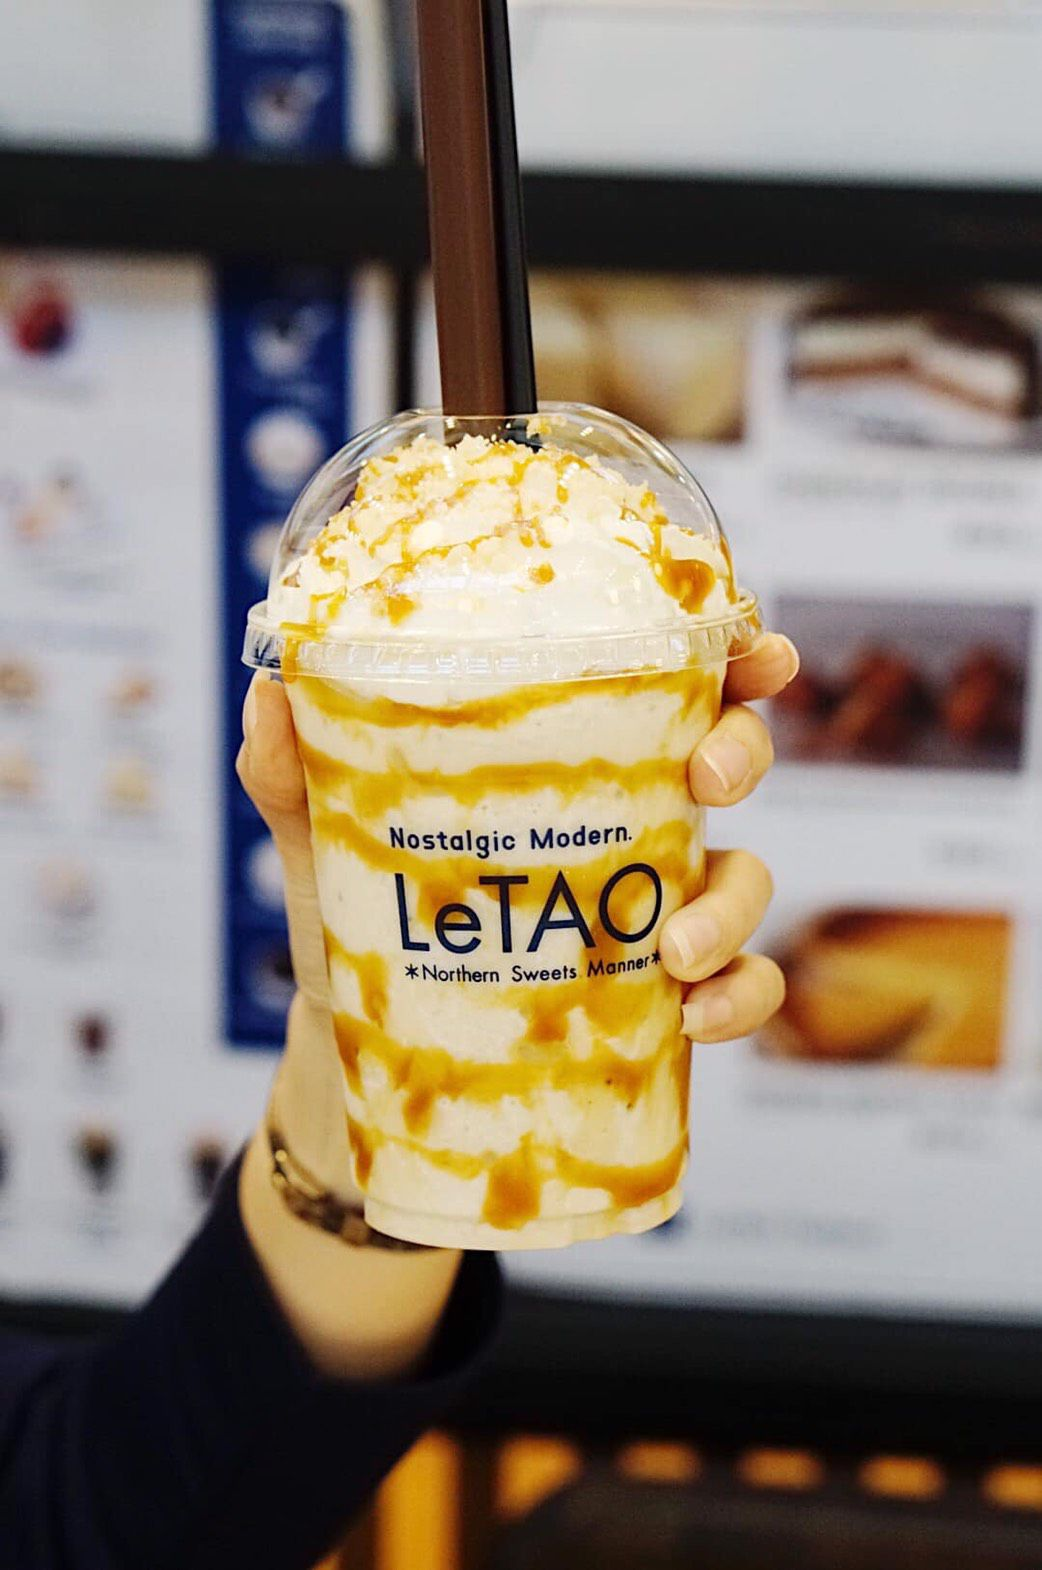 เครื่องดื่ม กล้วย ครัมเบิ้ล จากญี่ปุ่น LeTAO Cafe Thailand